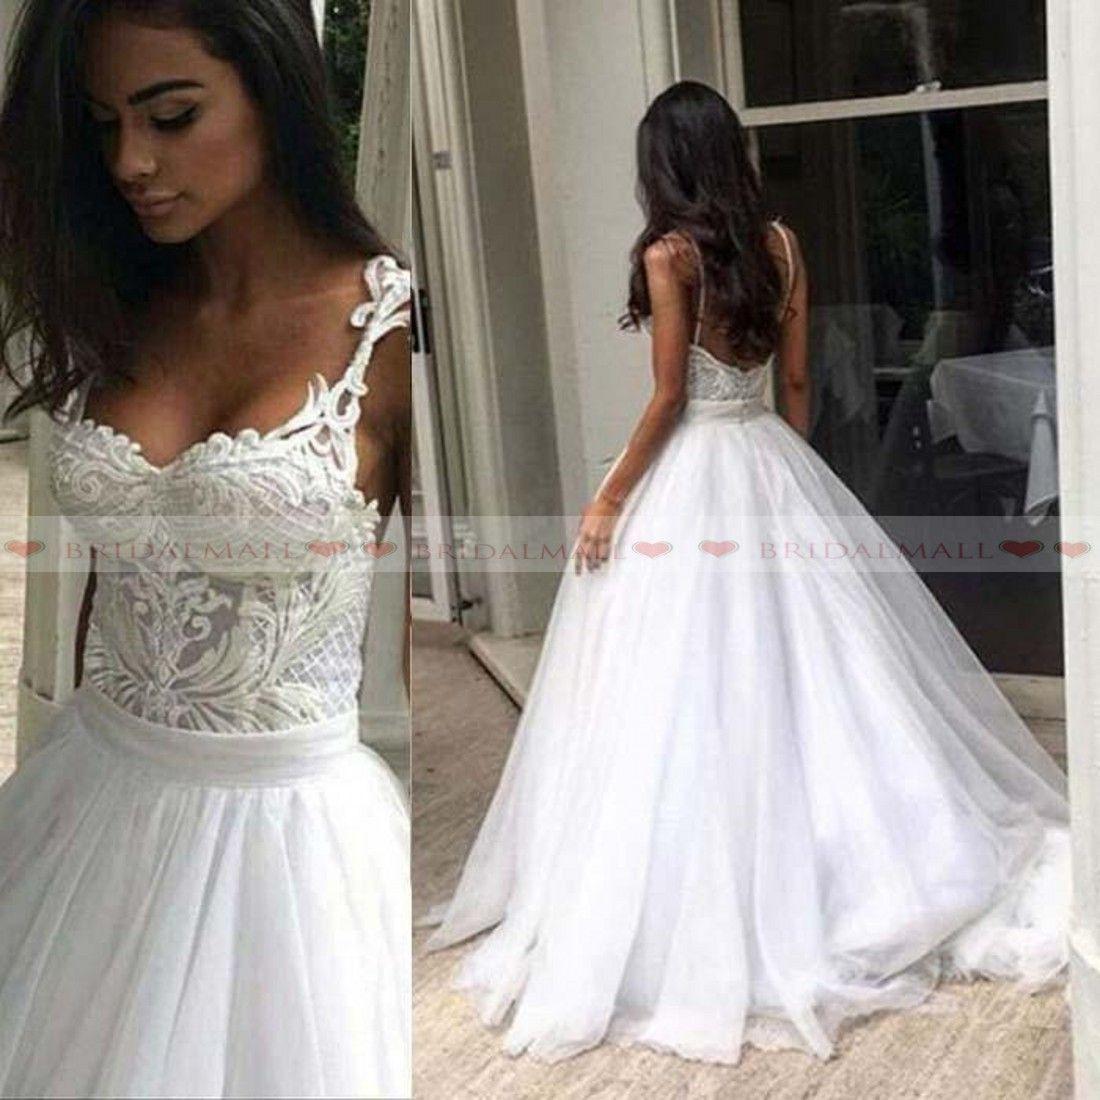 5fd94339d Discount Unique 2019 Appliques Lace Tulle Long A Line Wedding Dresses  Spaghetti Straps Beach Boho Bridal Gowns Vestidos De Novia Cheap Bride Dress  Knee ...